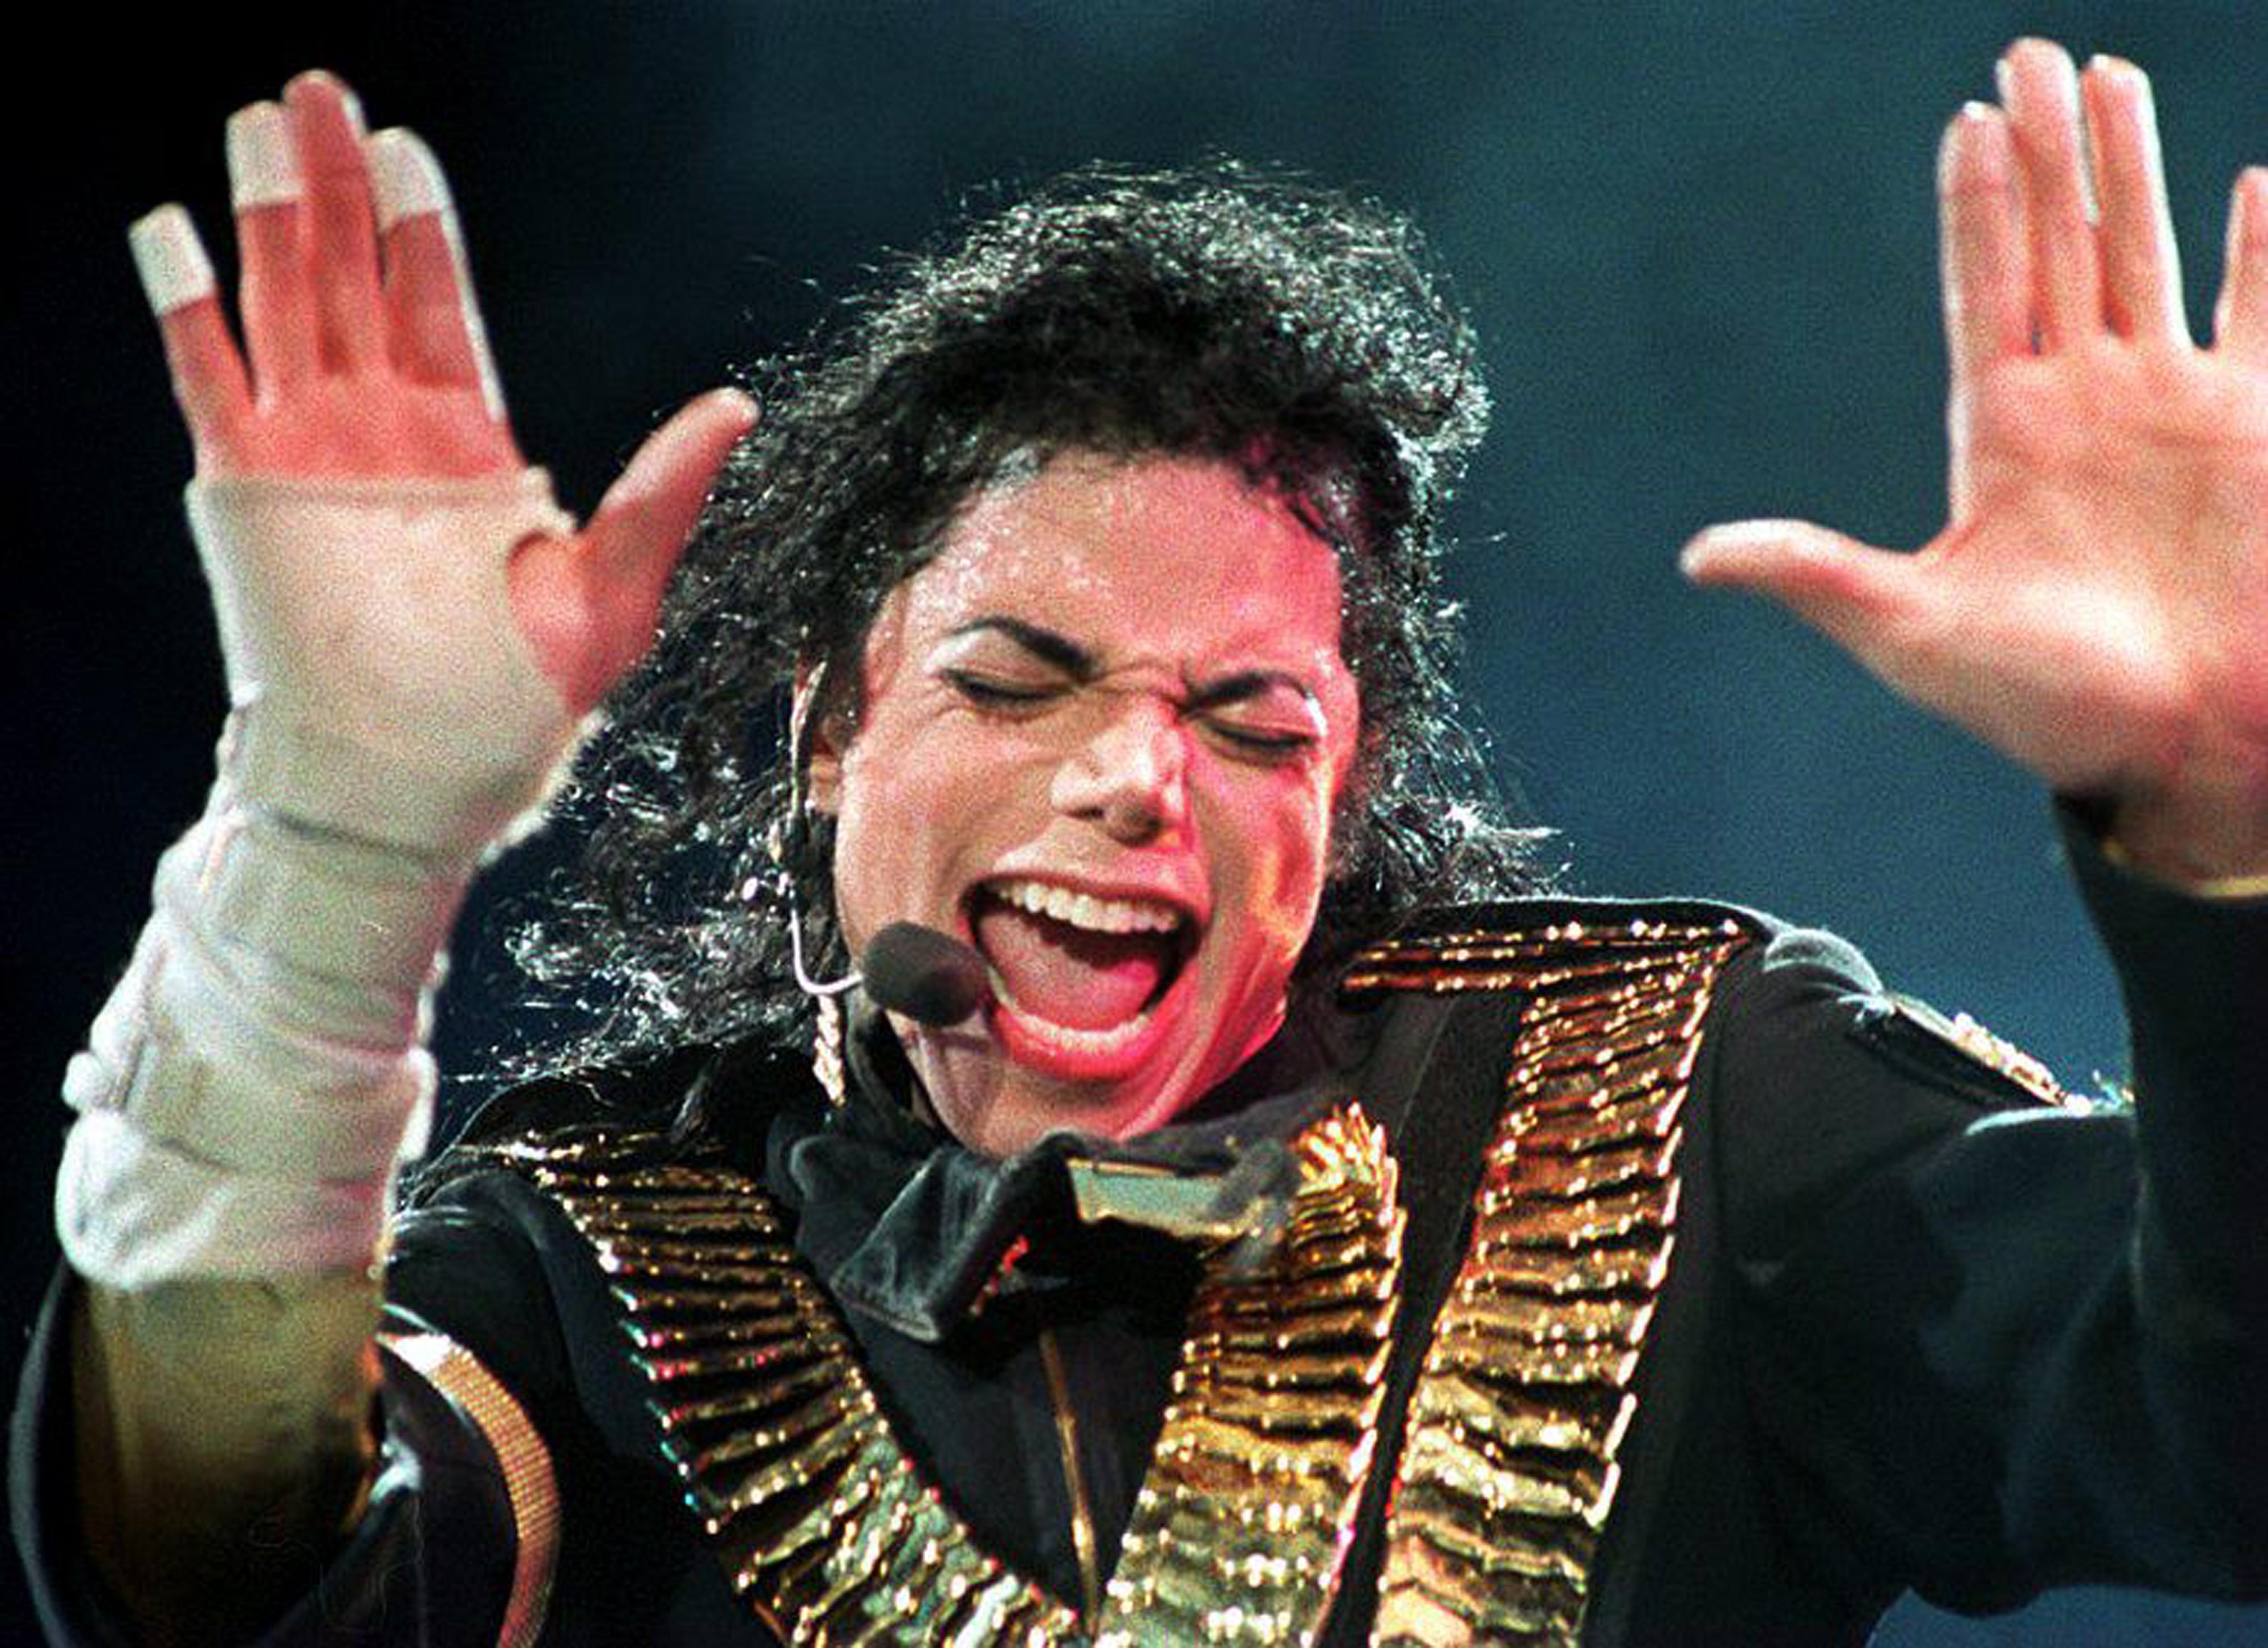 Qual sua música favorita de Michael Jackson?